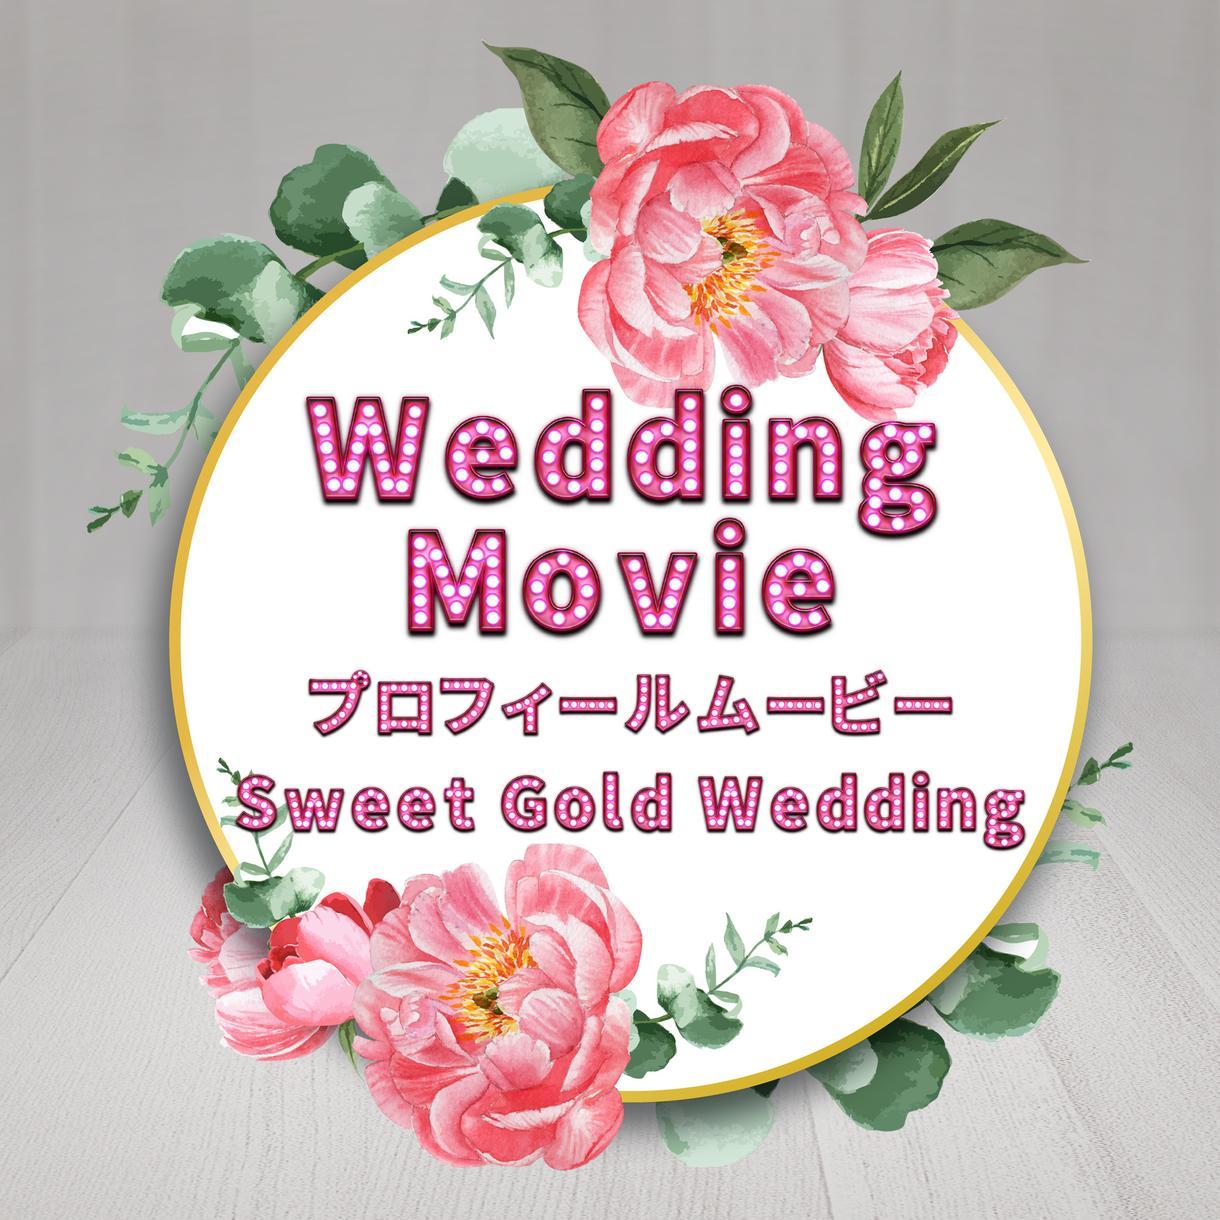 結婚式に♪プロフィールムービーを作成いたします 【Sweet Gold Wedding】